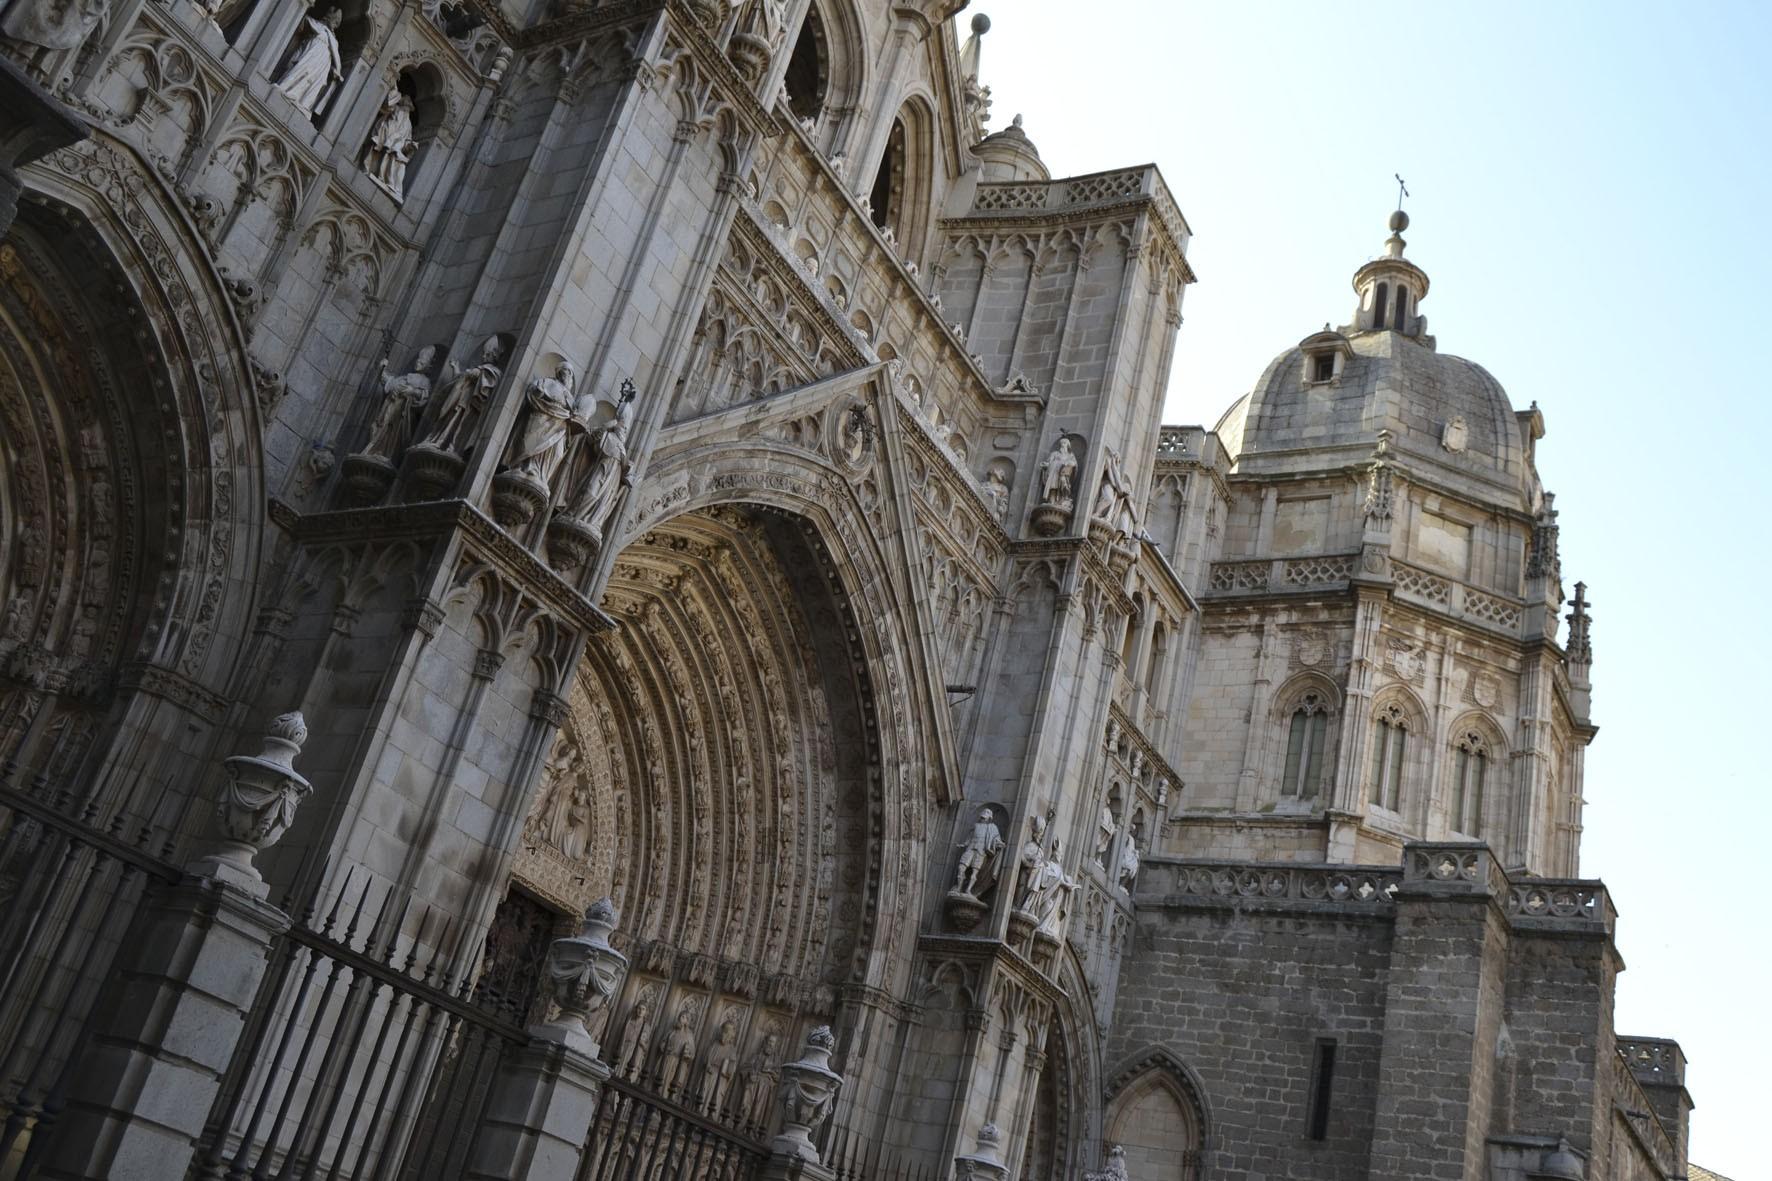 Día del Patrimonio Mundial 2019 - Proyectos Culturales - Gestión del patrimonio cultural, proyectos, actividades y formación